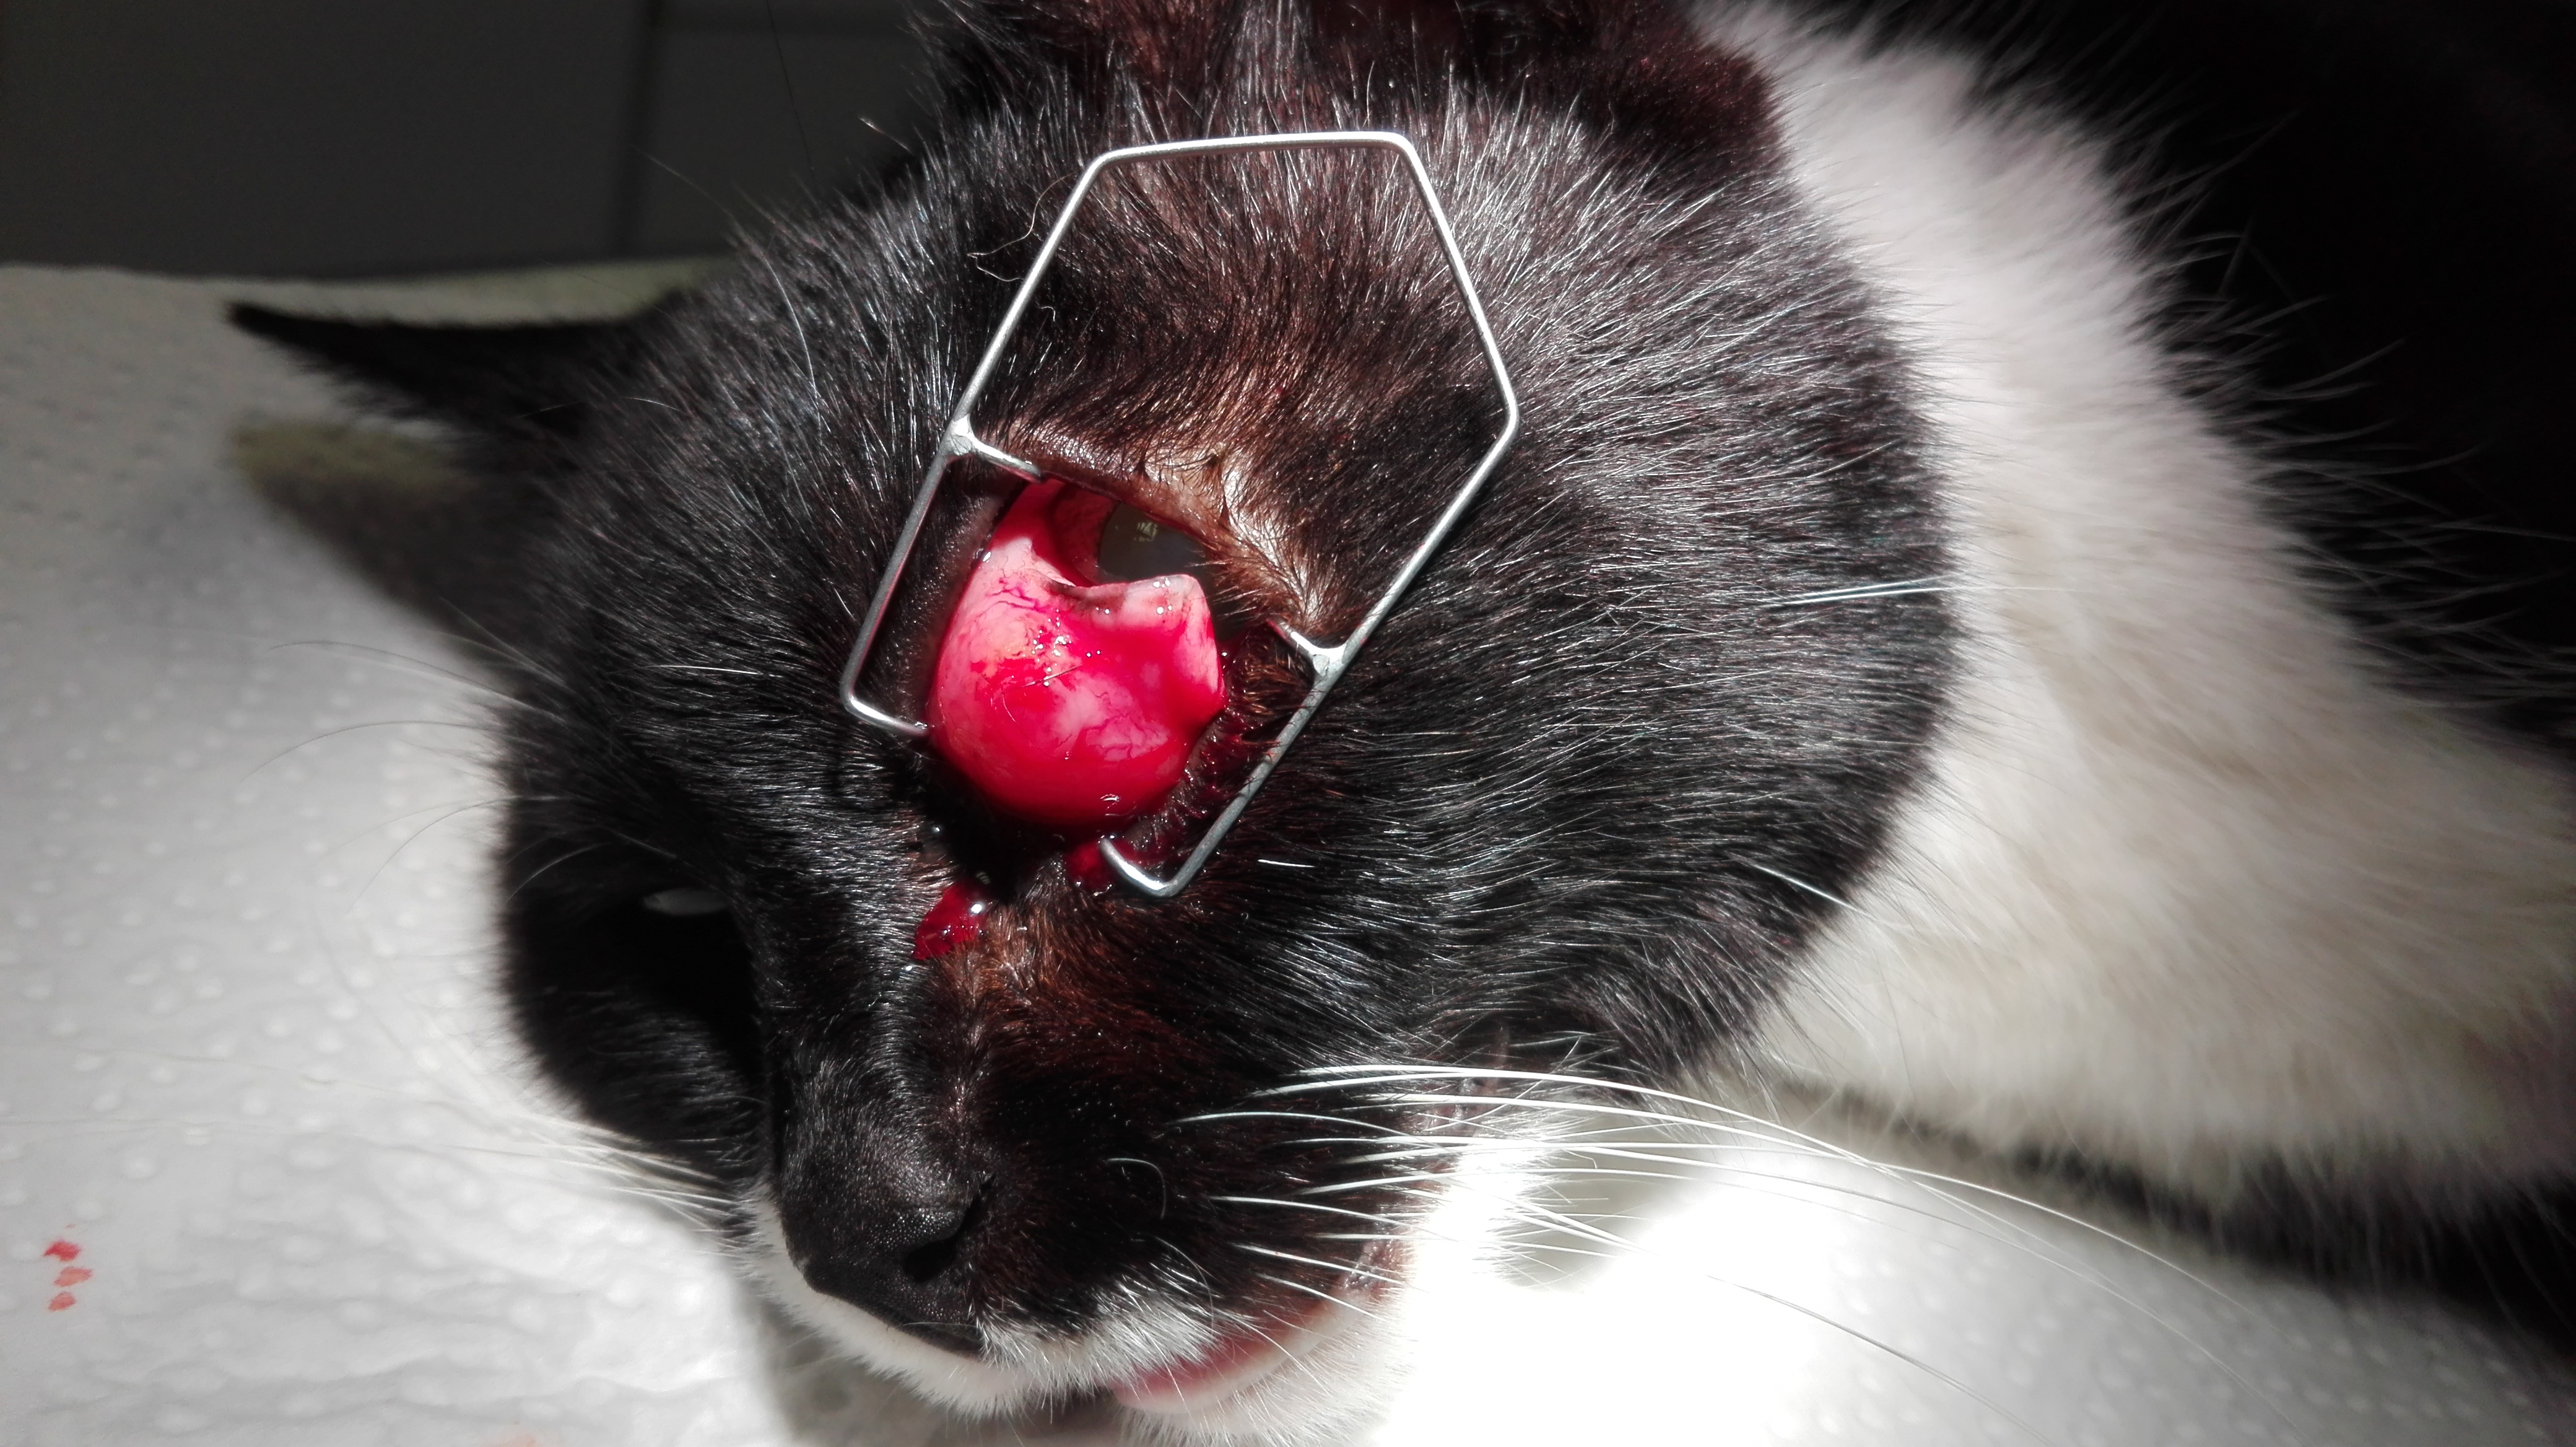 Tumorentfernung am 3. Augenlid